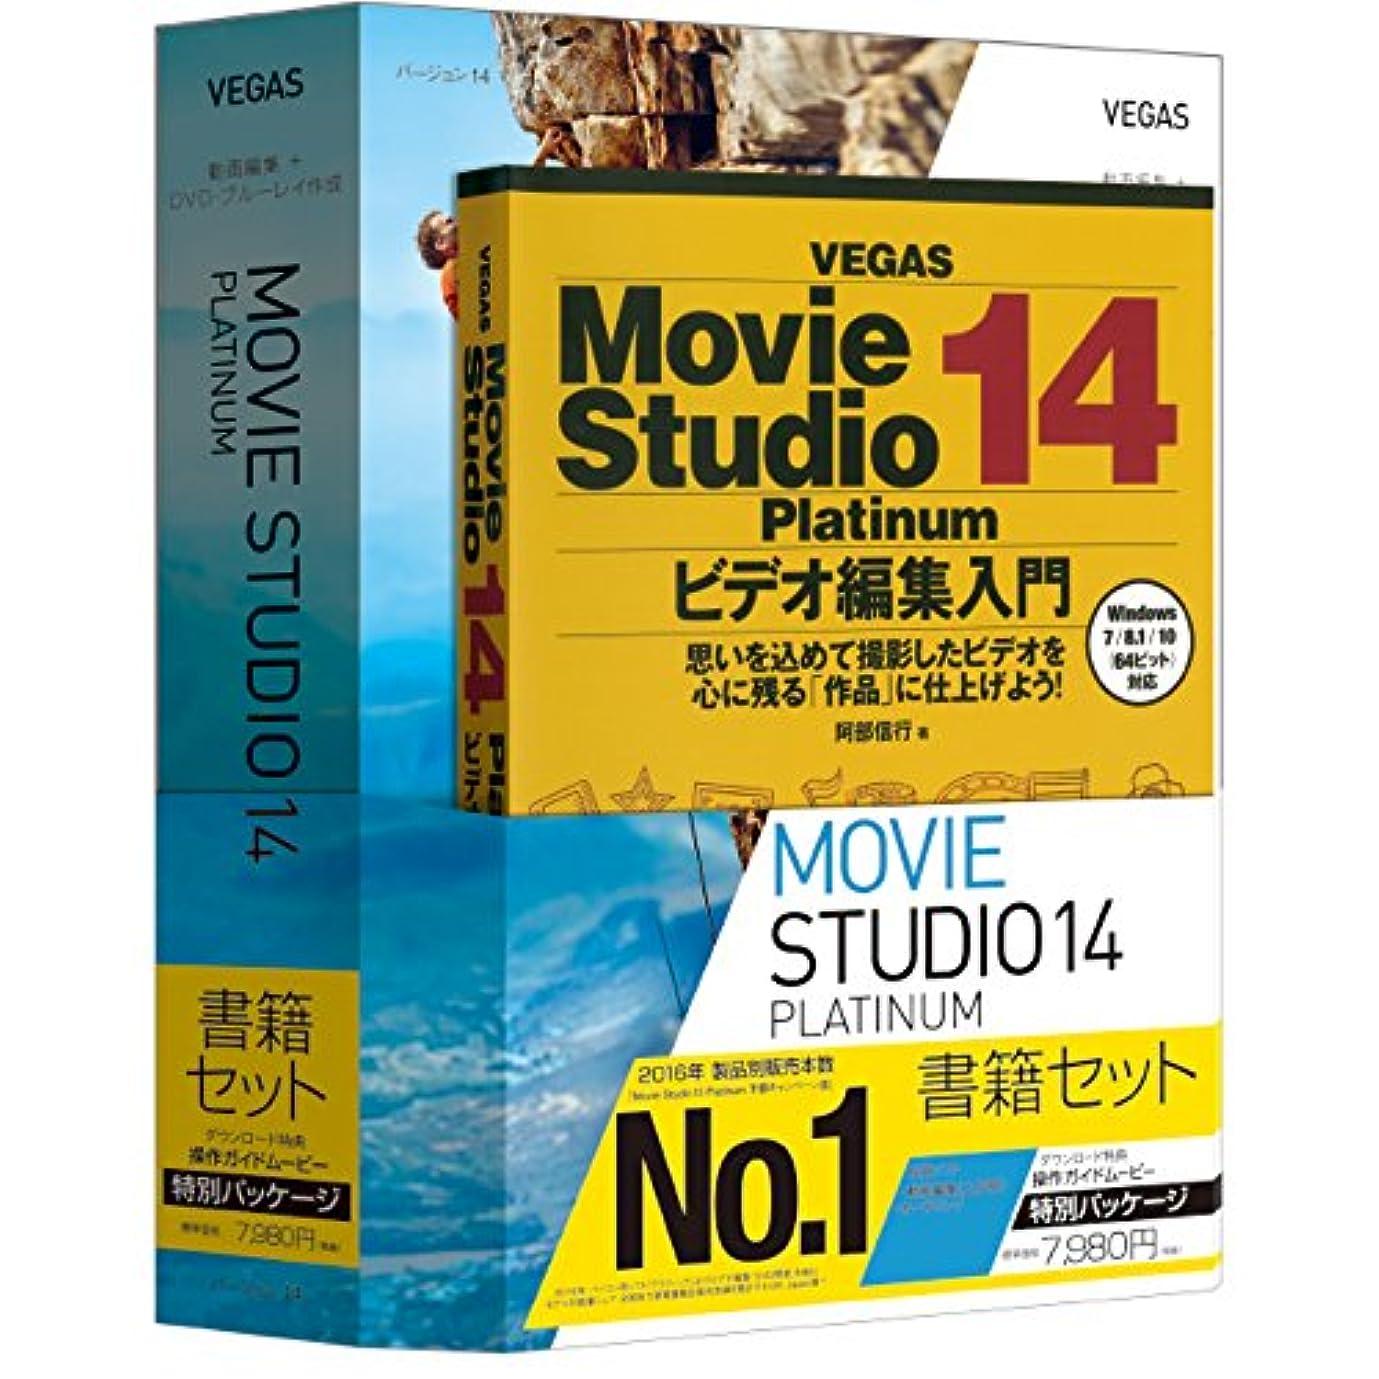 磁器囚人最大のVEGAS Movie Studio 14 Platinum (最新)ガイドブック付き版 Win対応